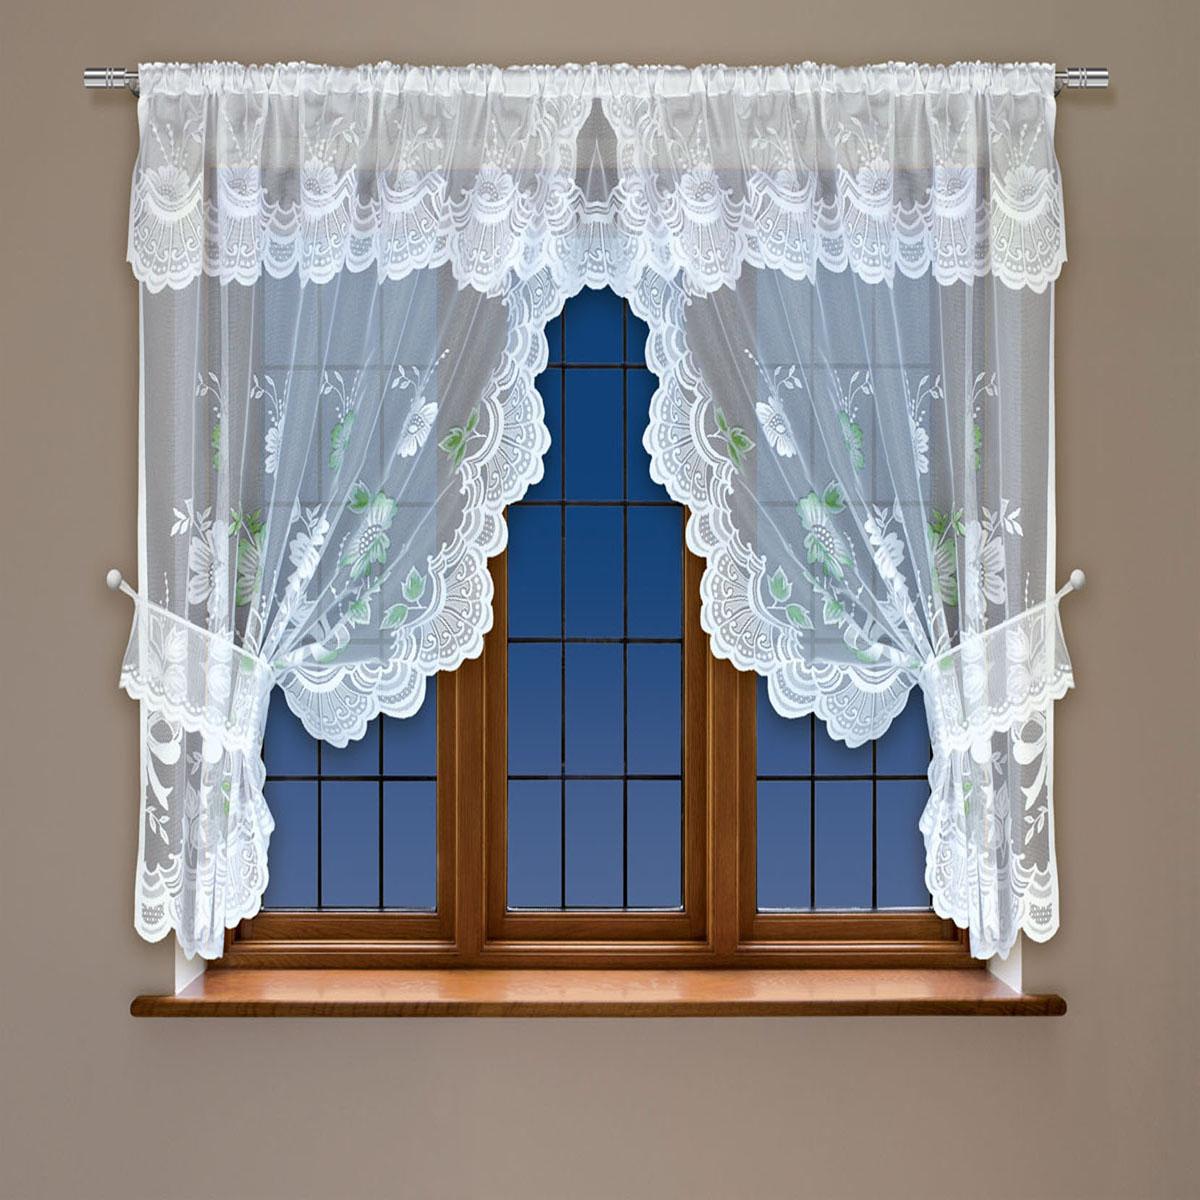 Гардина Haft, на кулиске, цвет: белый, высота 107 см. 202561202561/107 белыйВоздушная гардина Haft, выполненная из полиэстера, великолепно украсит любое окно. Изделие имеет оригинальный дизайн и органично впишется в интерьер помещения. Гардина крепится на карниз при помощи кулиски.